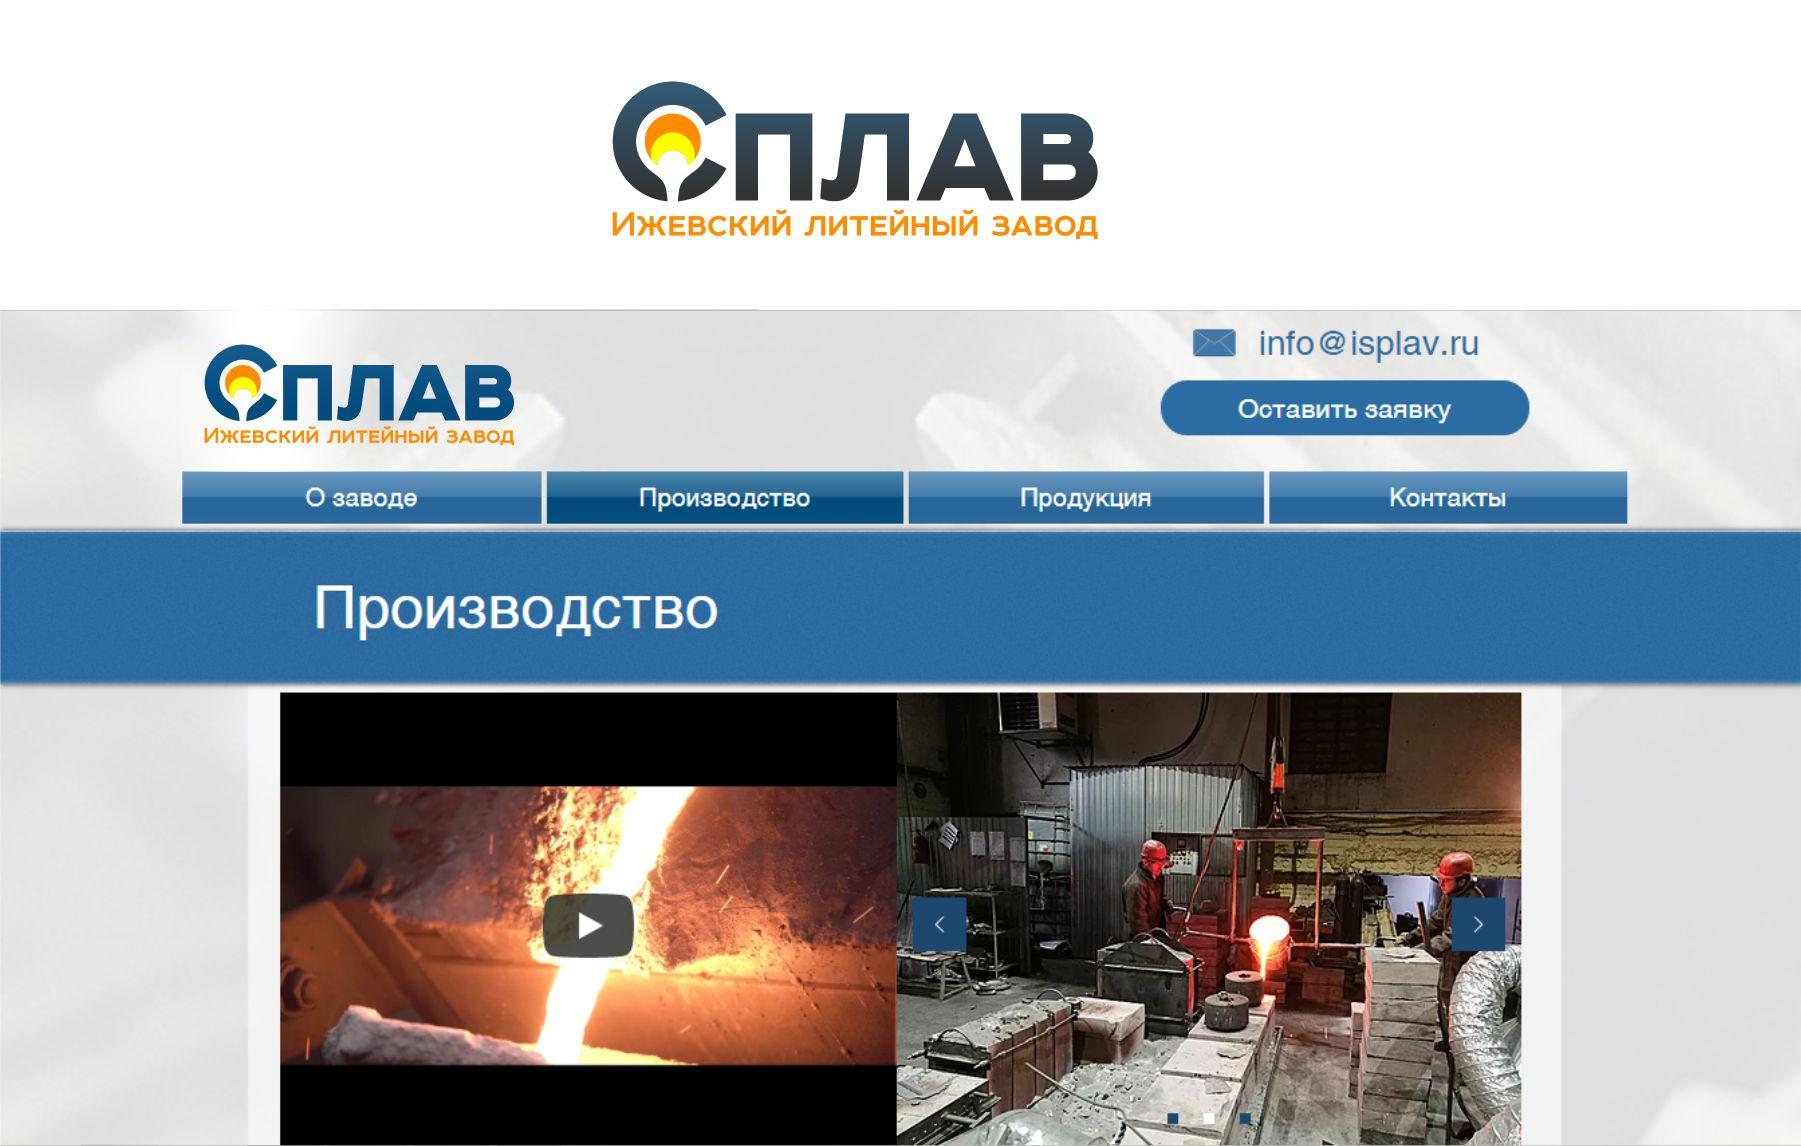 Разработать логотип для литейного завода фото f_6225afac272a73a4.jpg